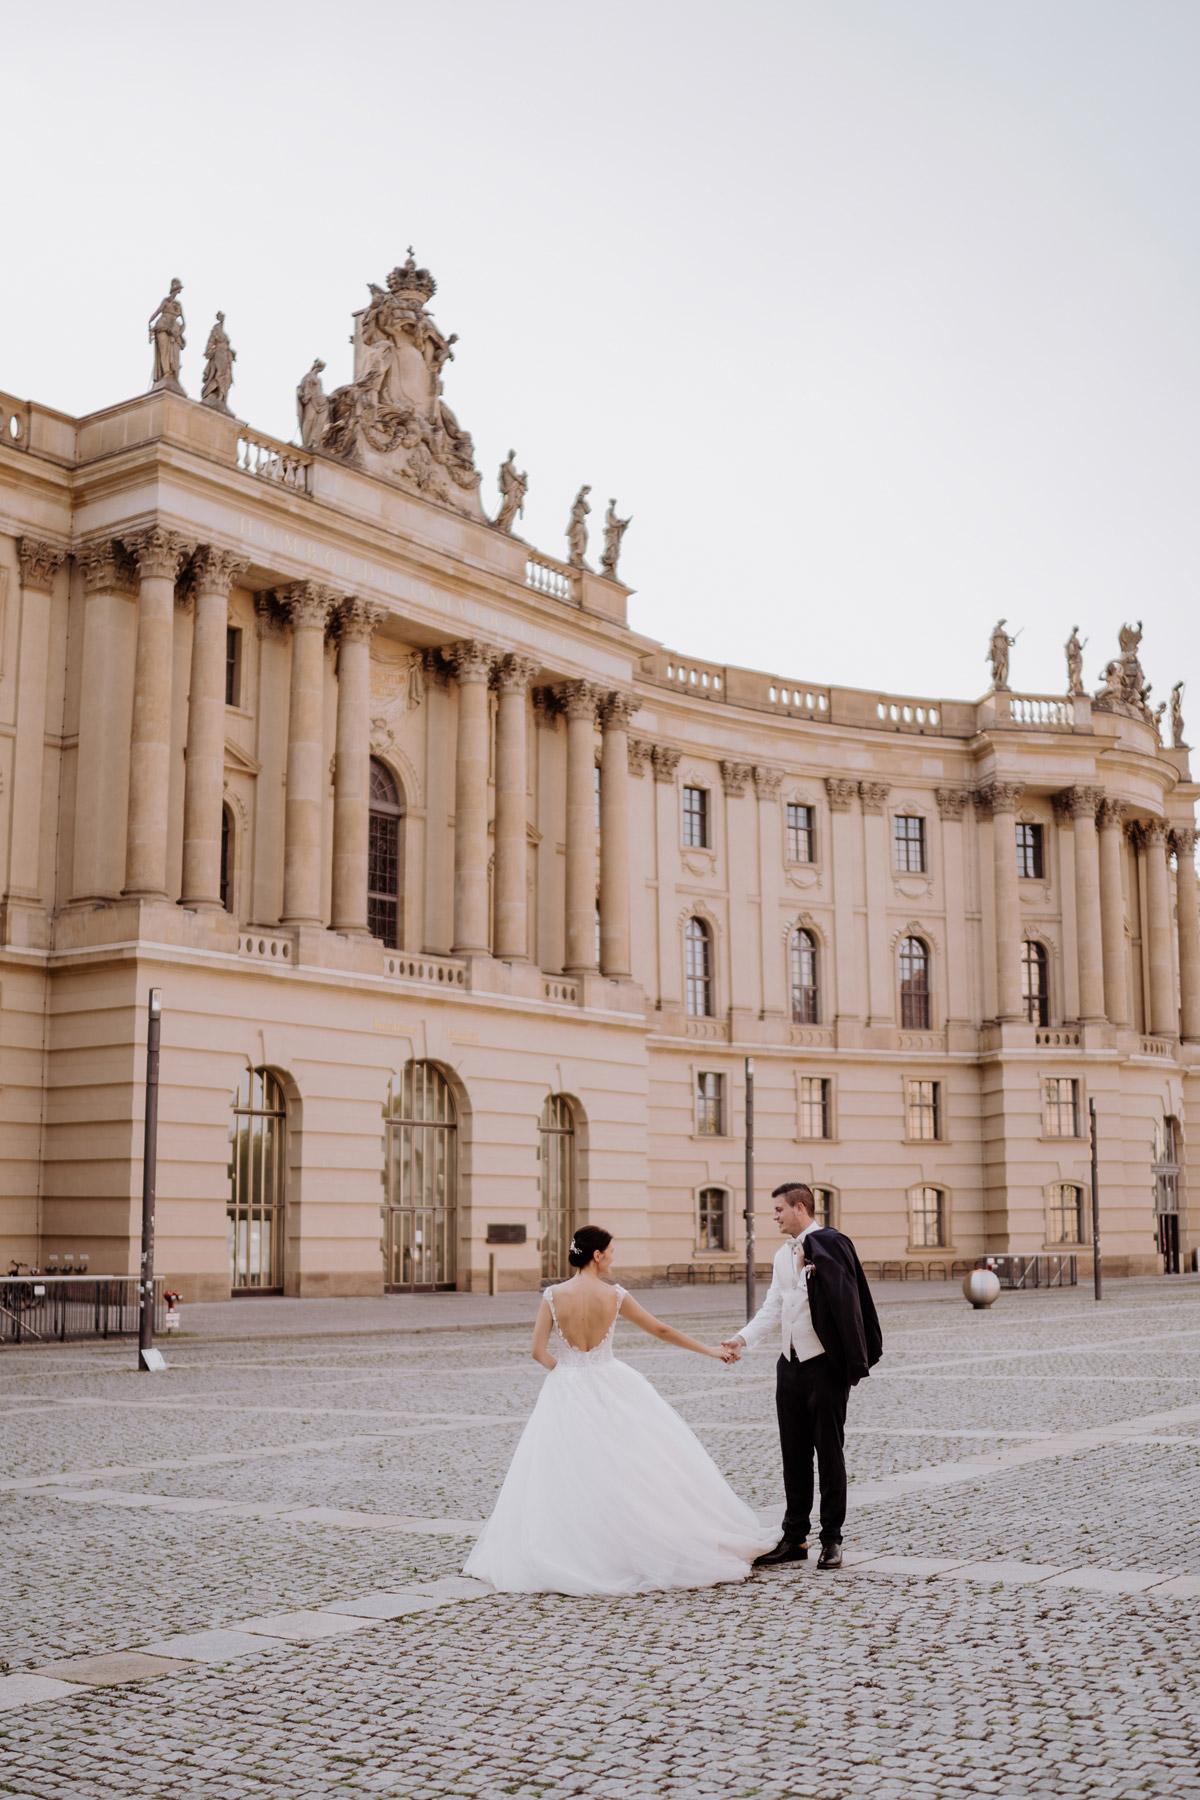 Hochzeit Berlin Brautpaarshooting Idee in Stadt Hochzeitspaar tanzt vor Location Hotel de Rome von Hochzeitsfotograf © www.hochzeitslicht.de #hochzeitslicht #Brautpaarbilder #urban #Hochzeitsshooting